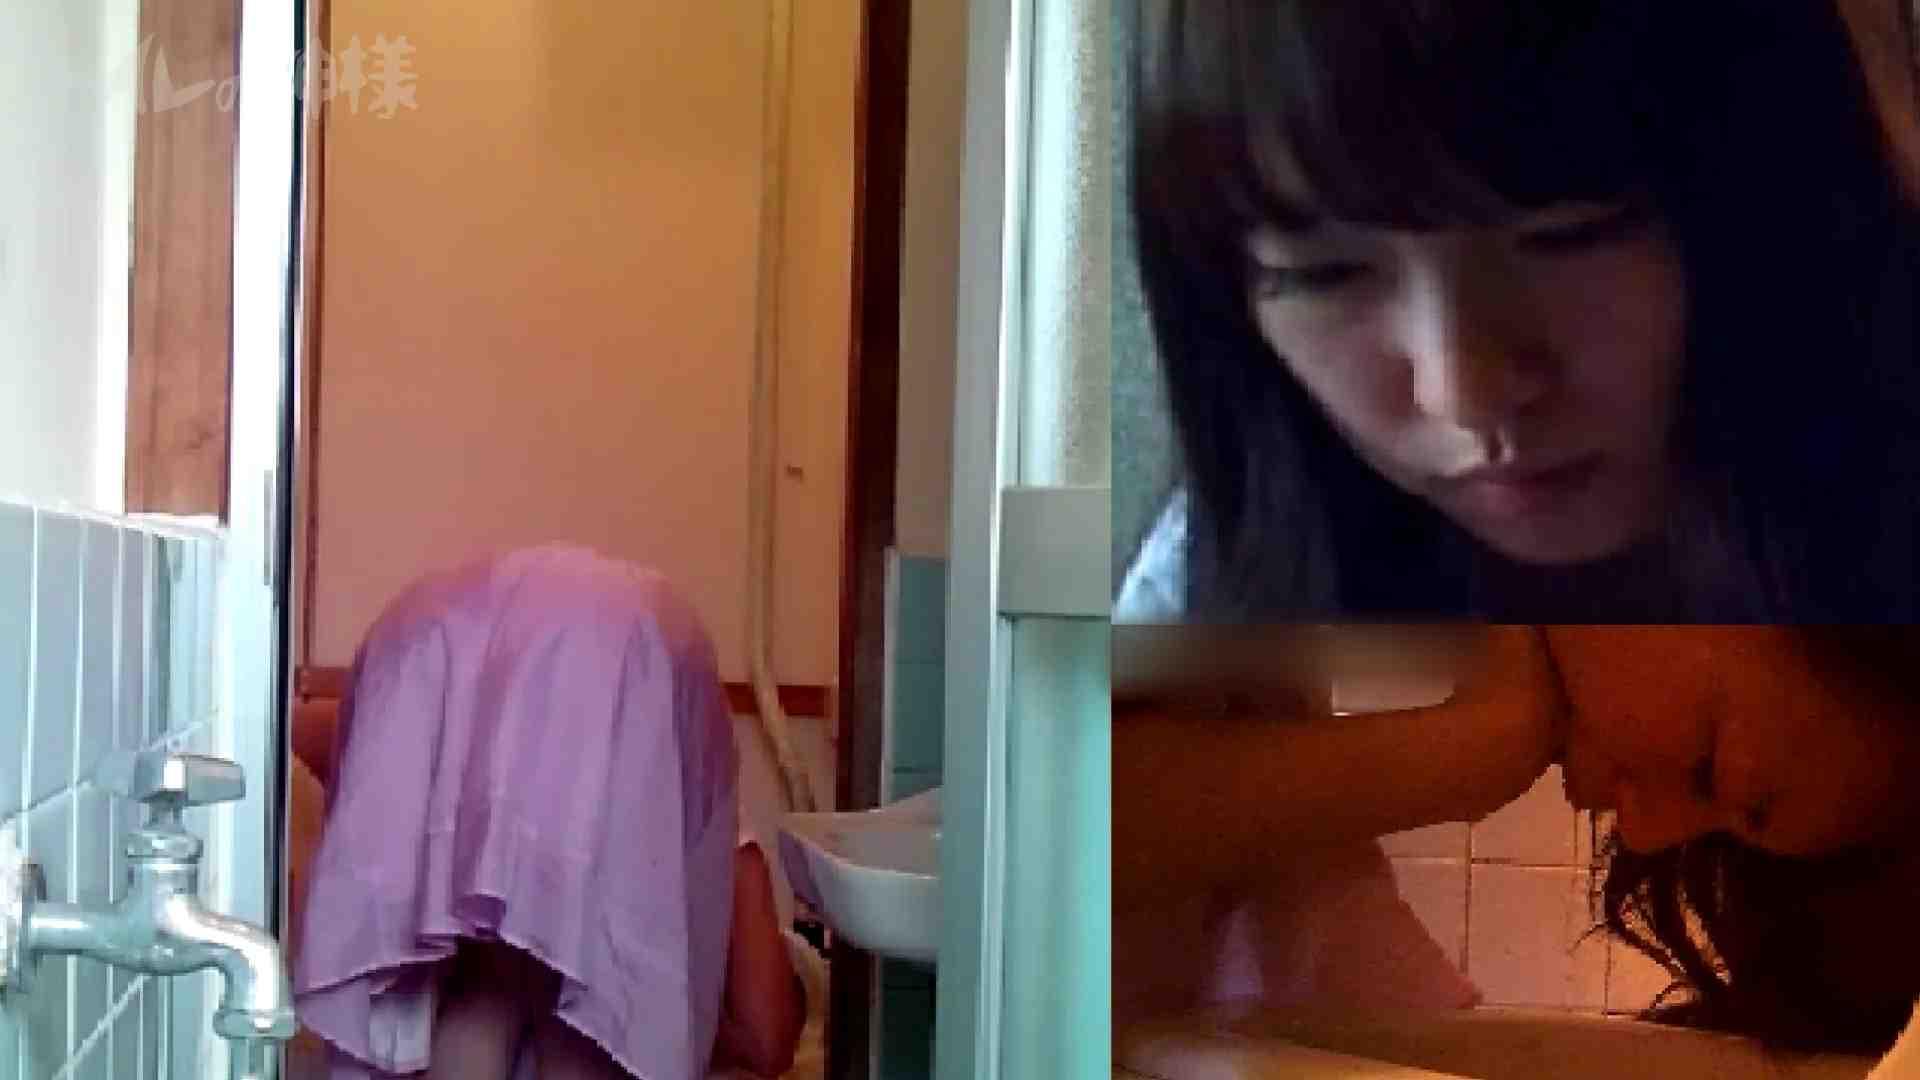 トイレの神様 Vol.09 美女のGEBOきれいに撮っています 細身・スレンダー セックス無修正動画無料 49画像 44